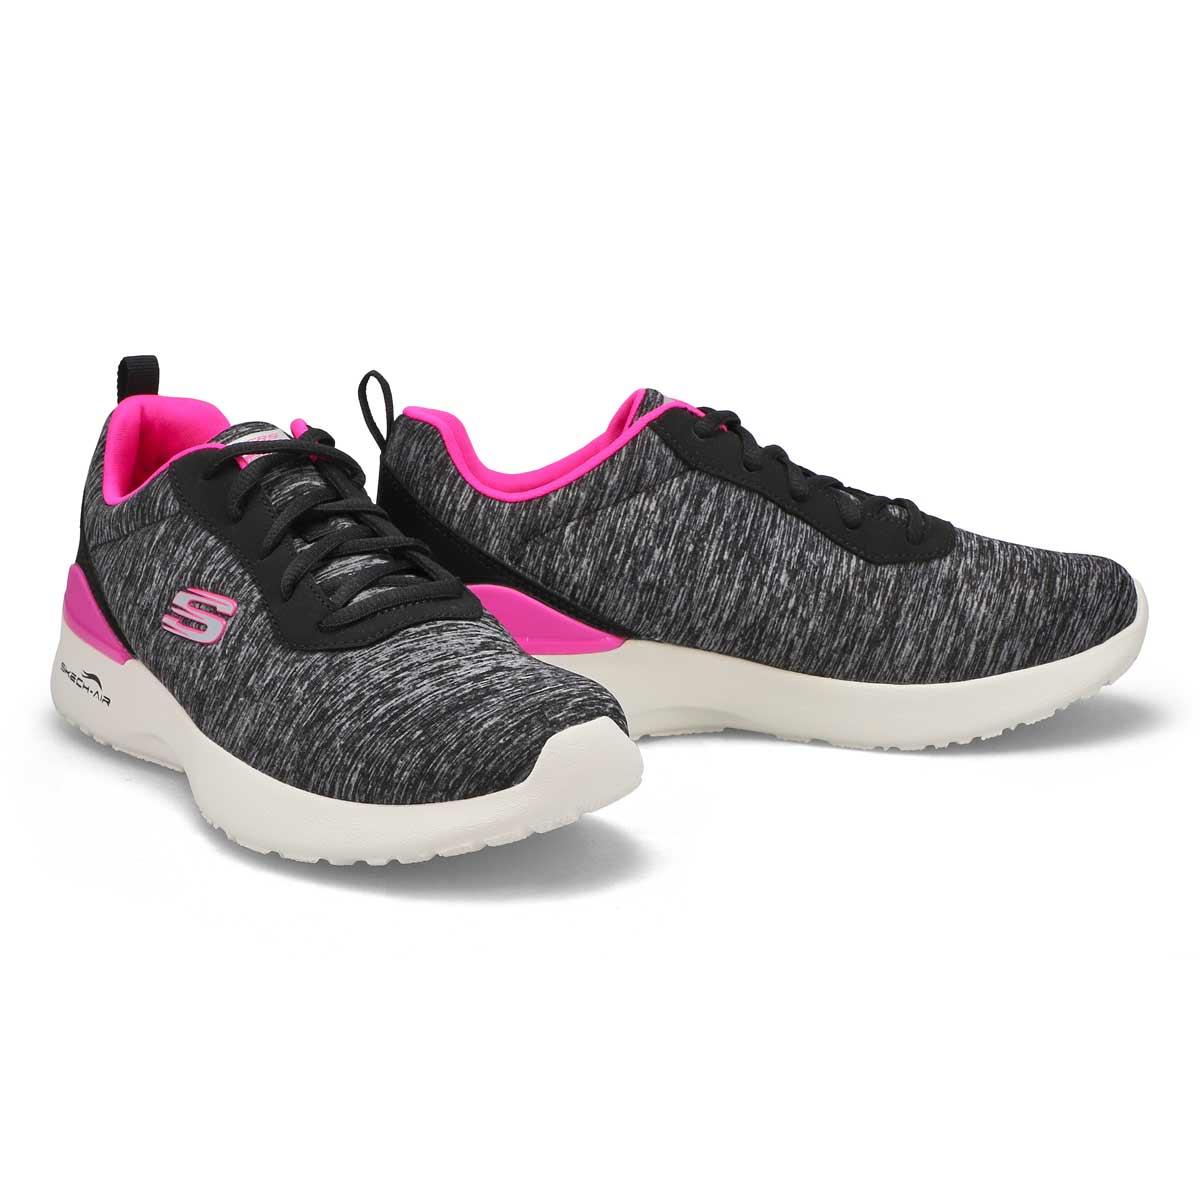 Women's Dynamite Paradise Waves Wide Sneaker-Bk/Pk